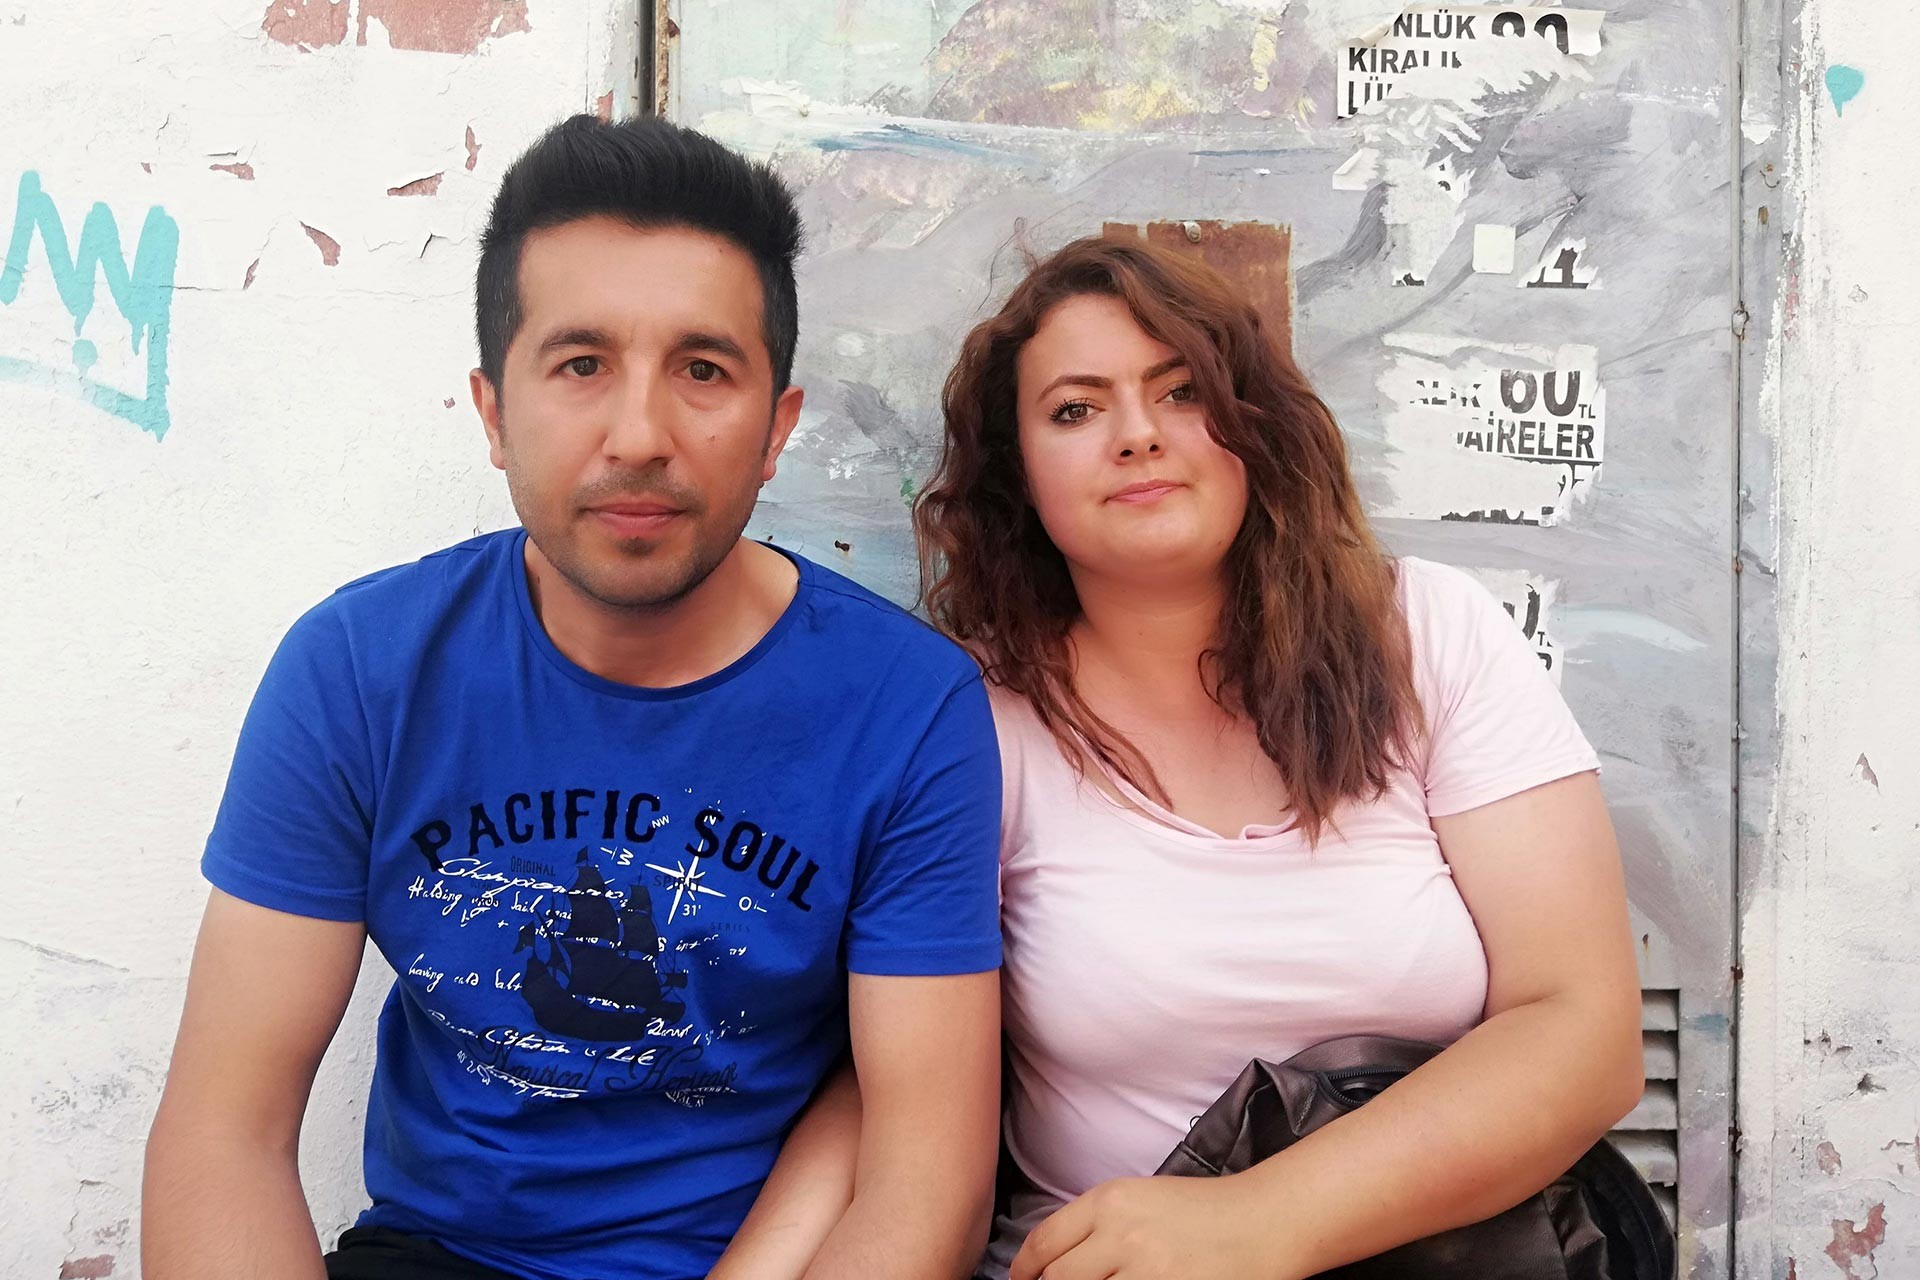 Beylikdüzü Posta Dağıtım Merkezinden atılan Orhan Erdoğan ve Elif Erdoğan çifti